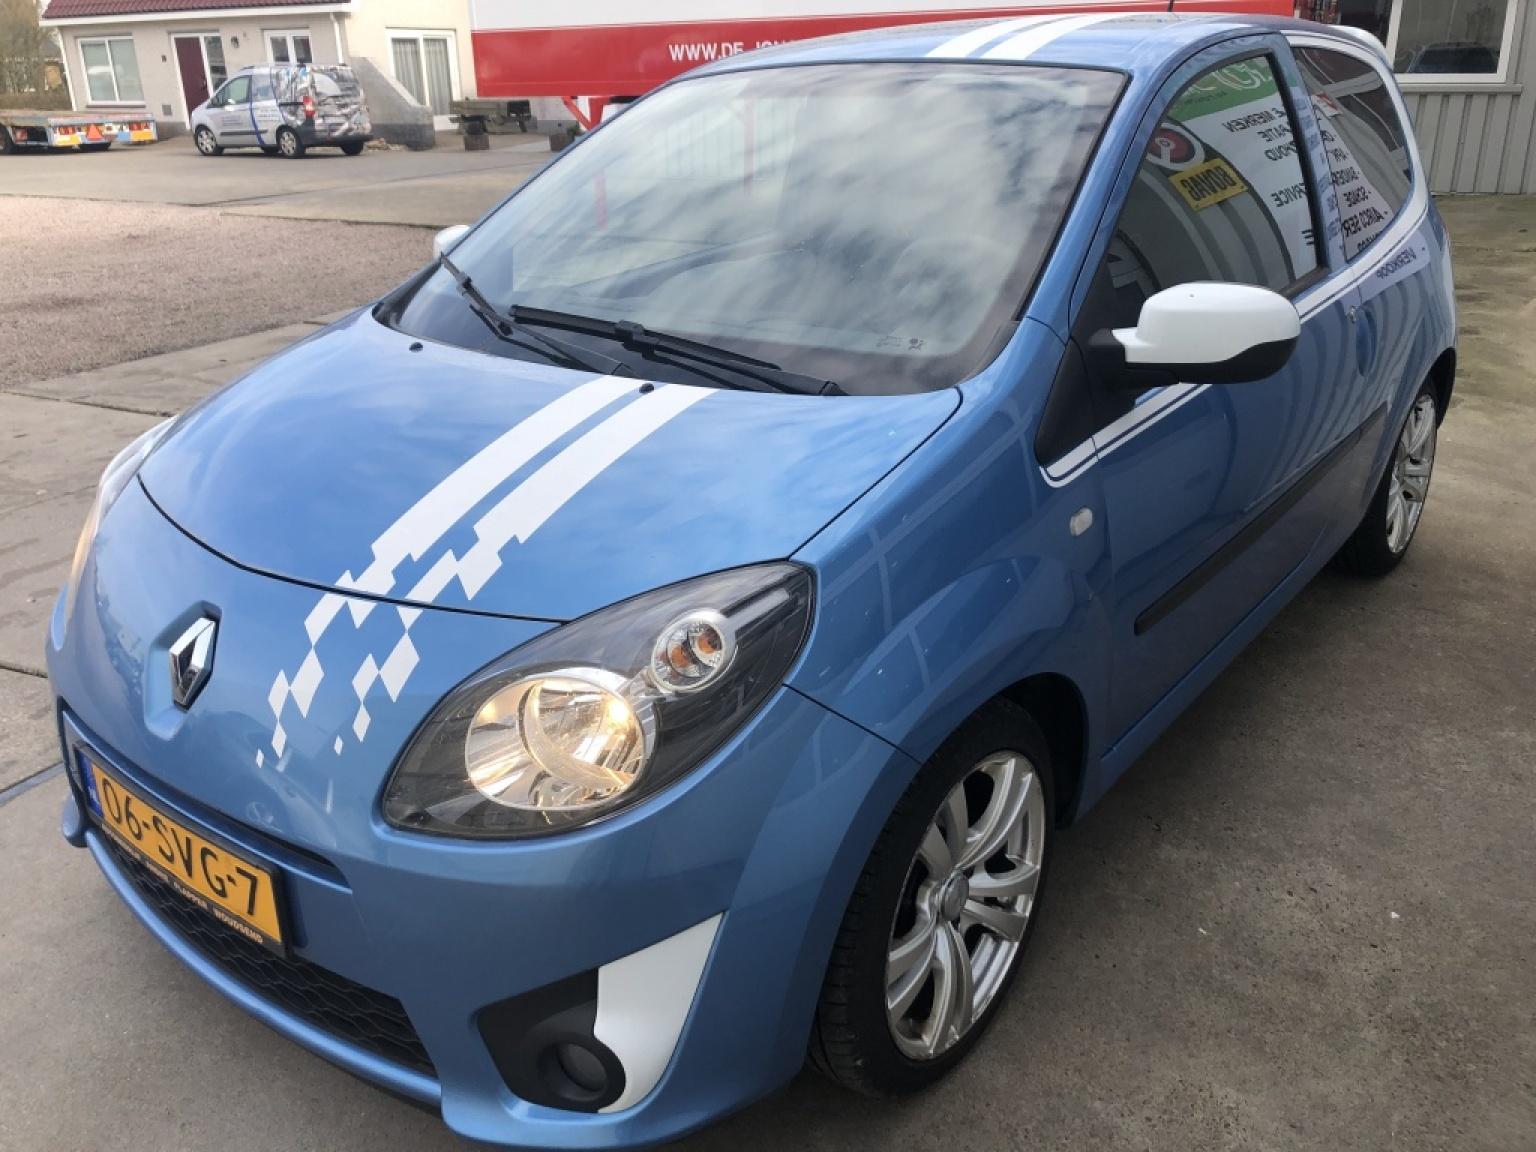 Renault-Twingo-5